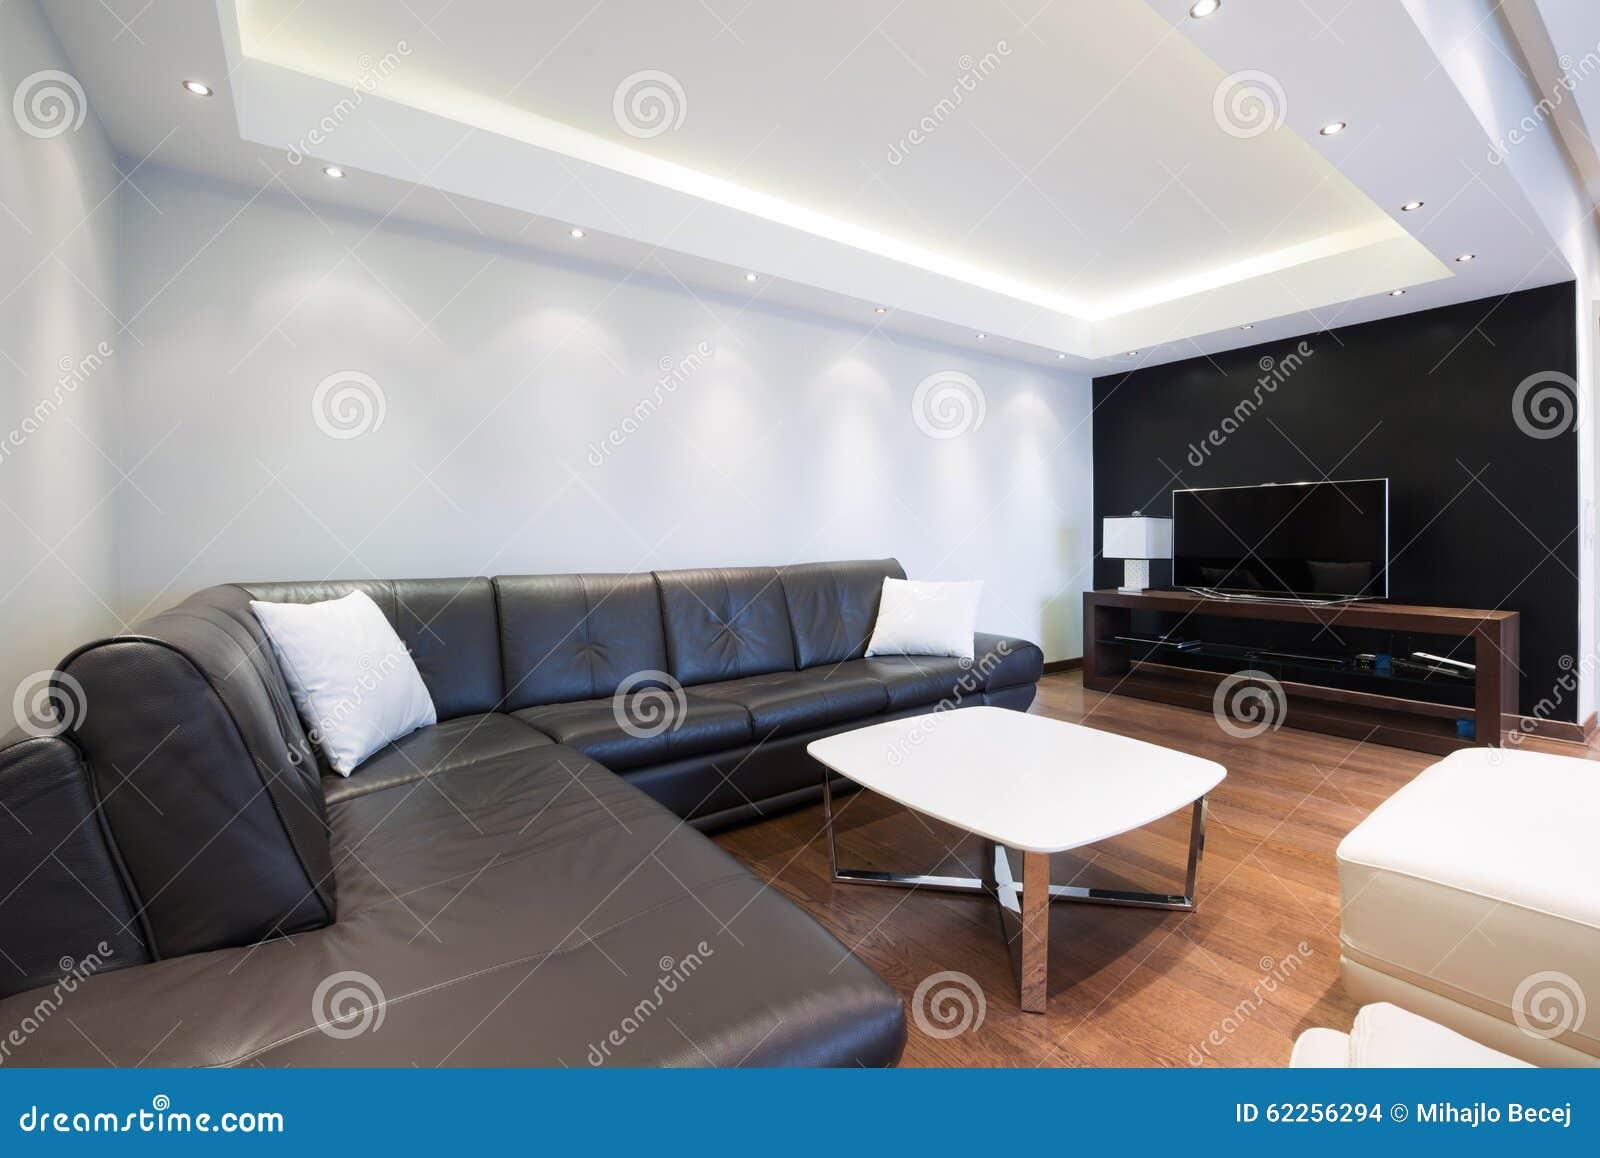 Intérieur D\'un Salon De Luxe Avec De Beaux Plafonniers Photo stock ...